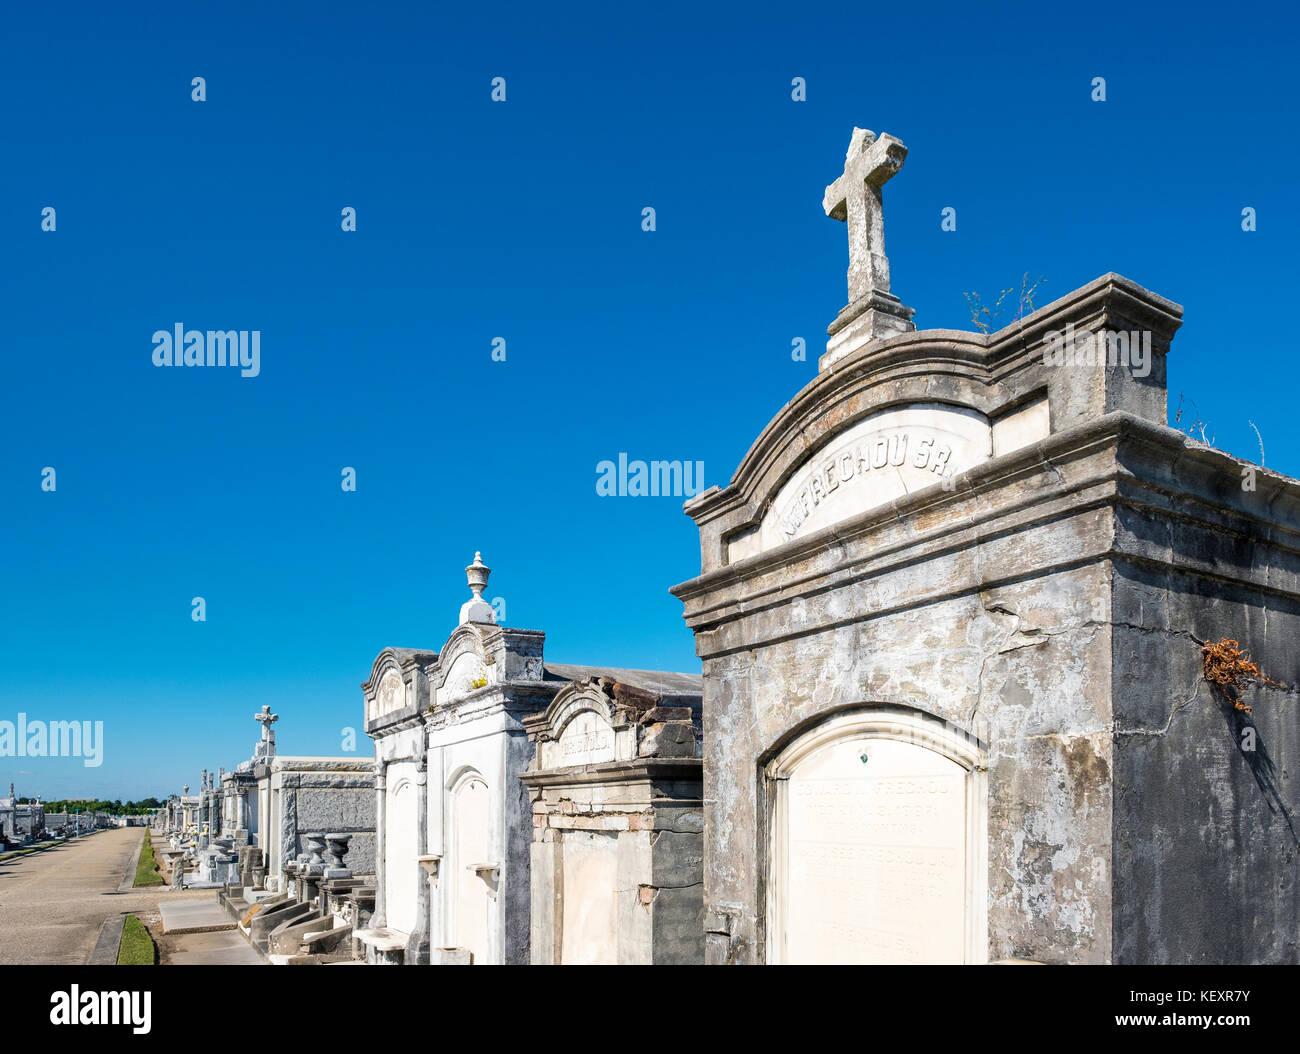 Usa, Louisiana, New Orleans. historischen oberirdischen Gräber in Greenwood Cemetery. Stockfoto